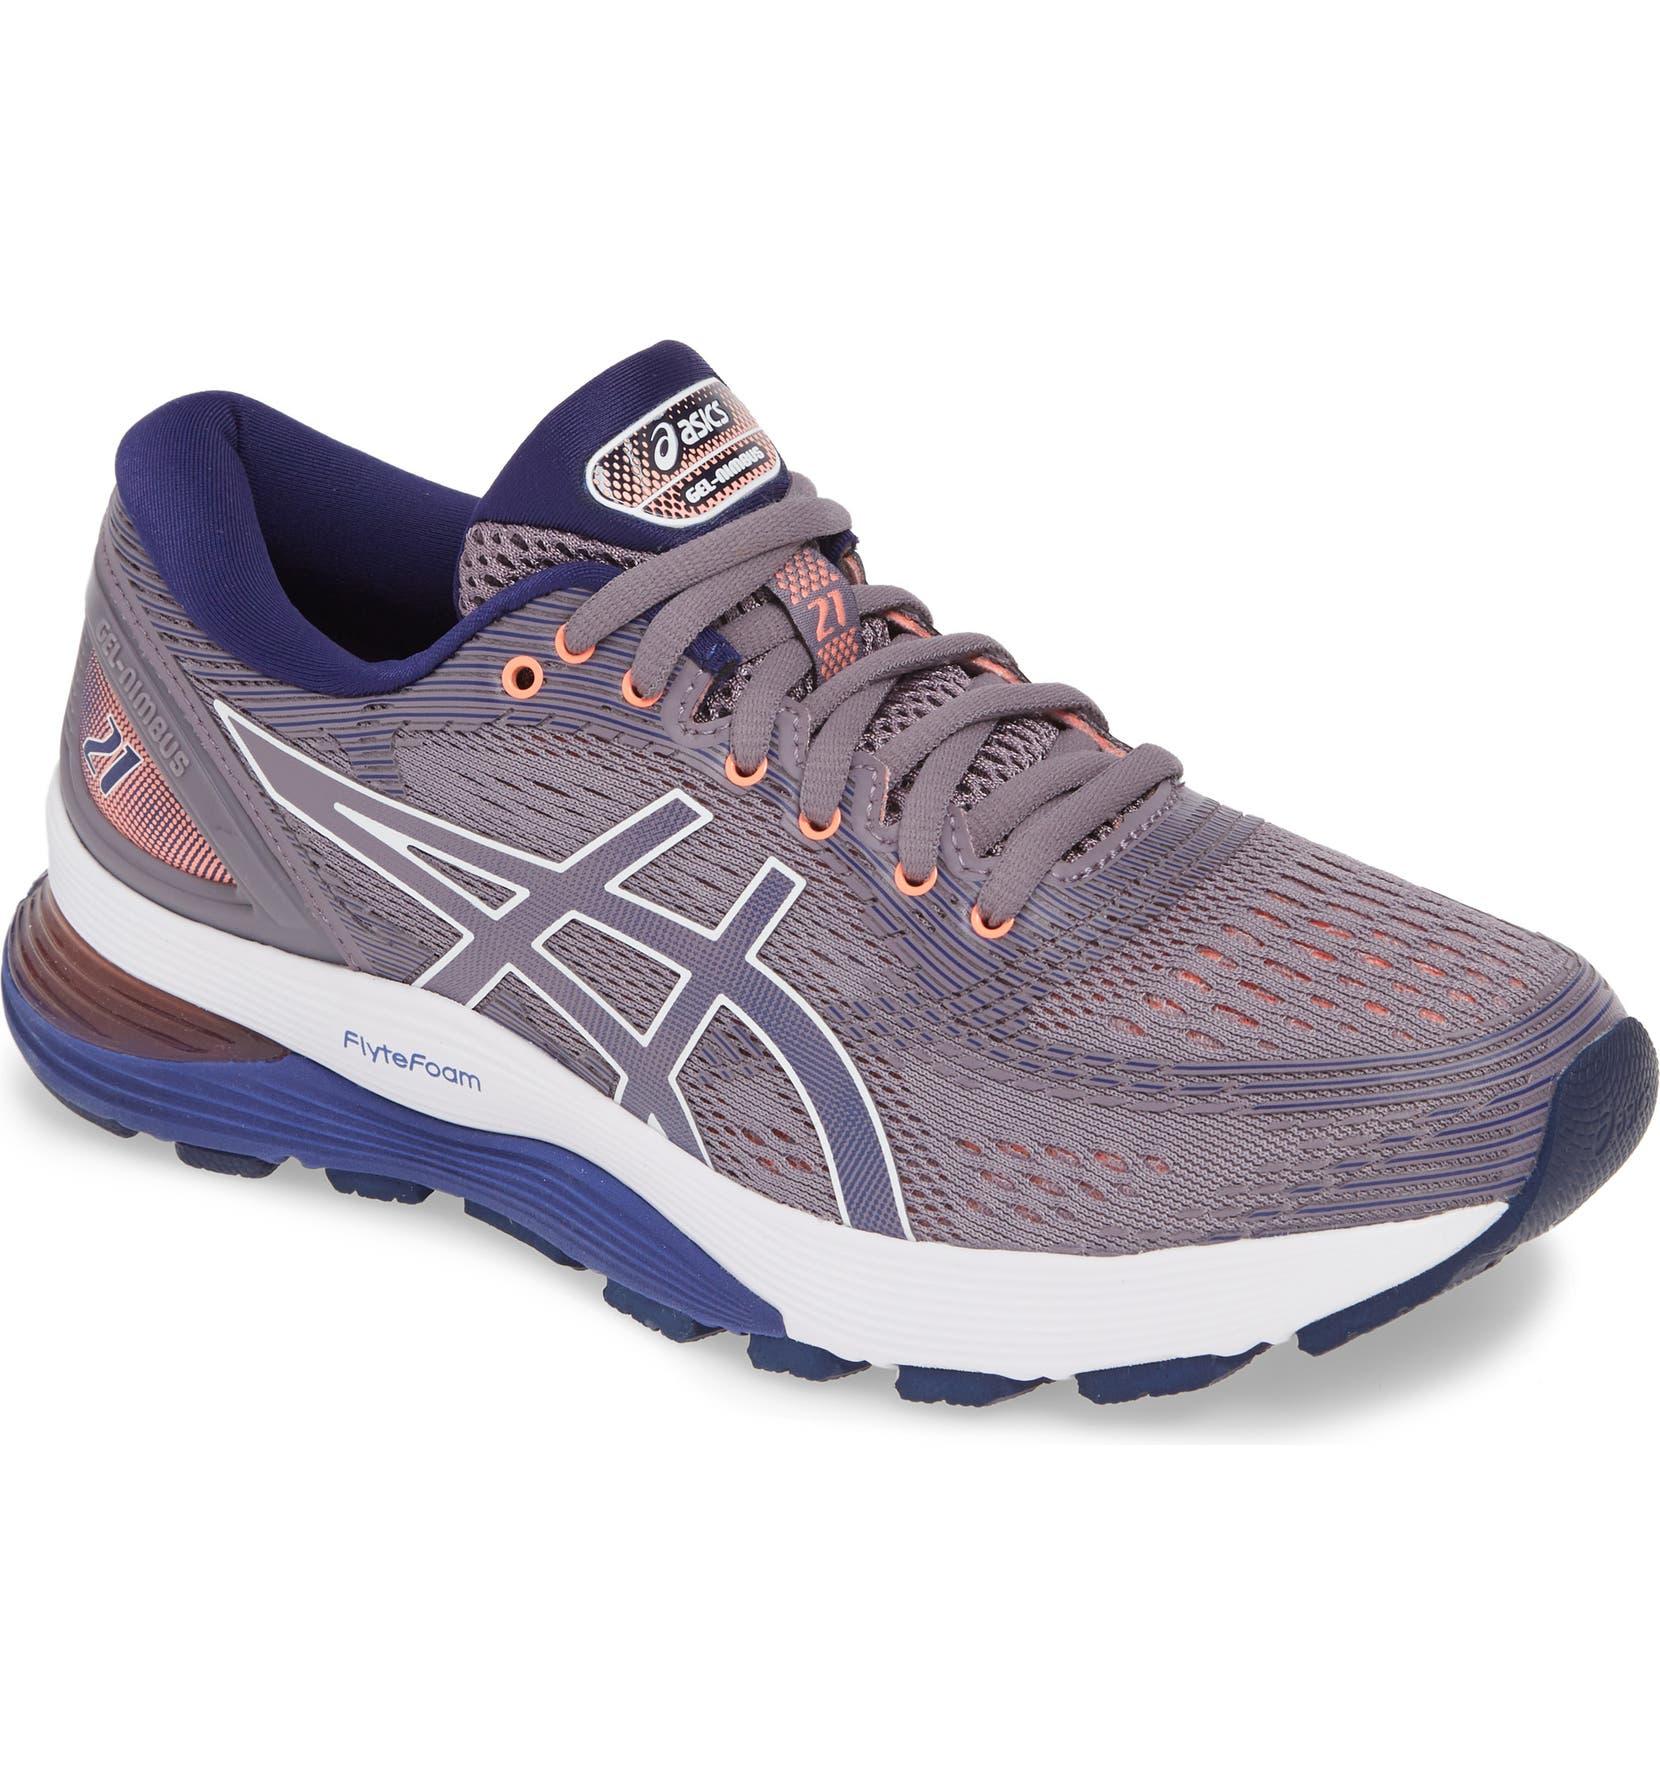 online retailer 6b092 ee14b GEL-Nimbus 21 Running Shoe